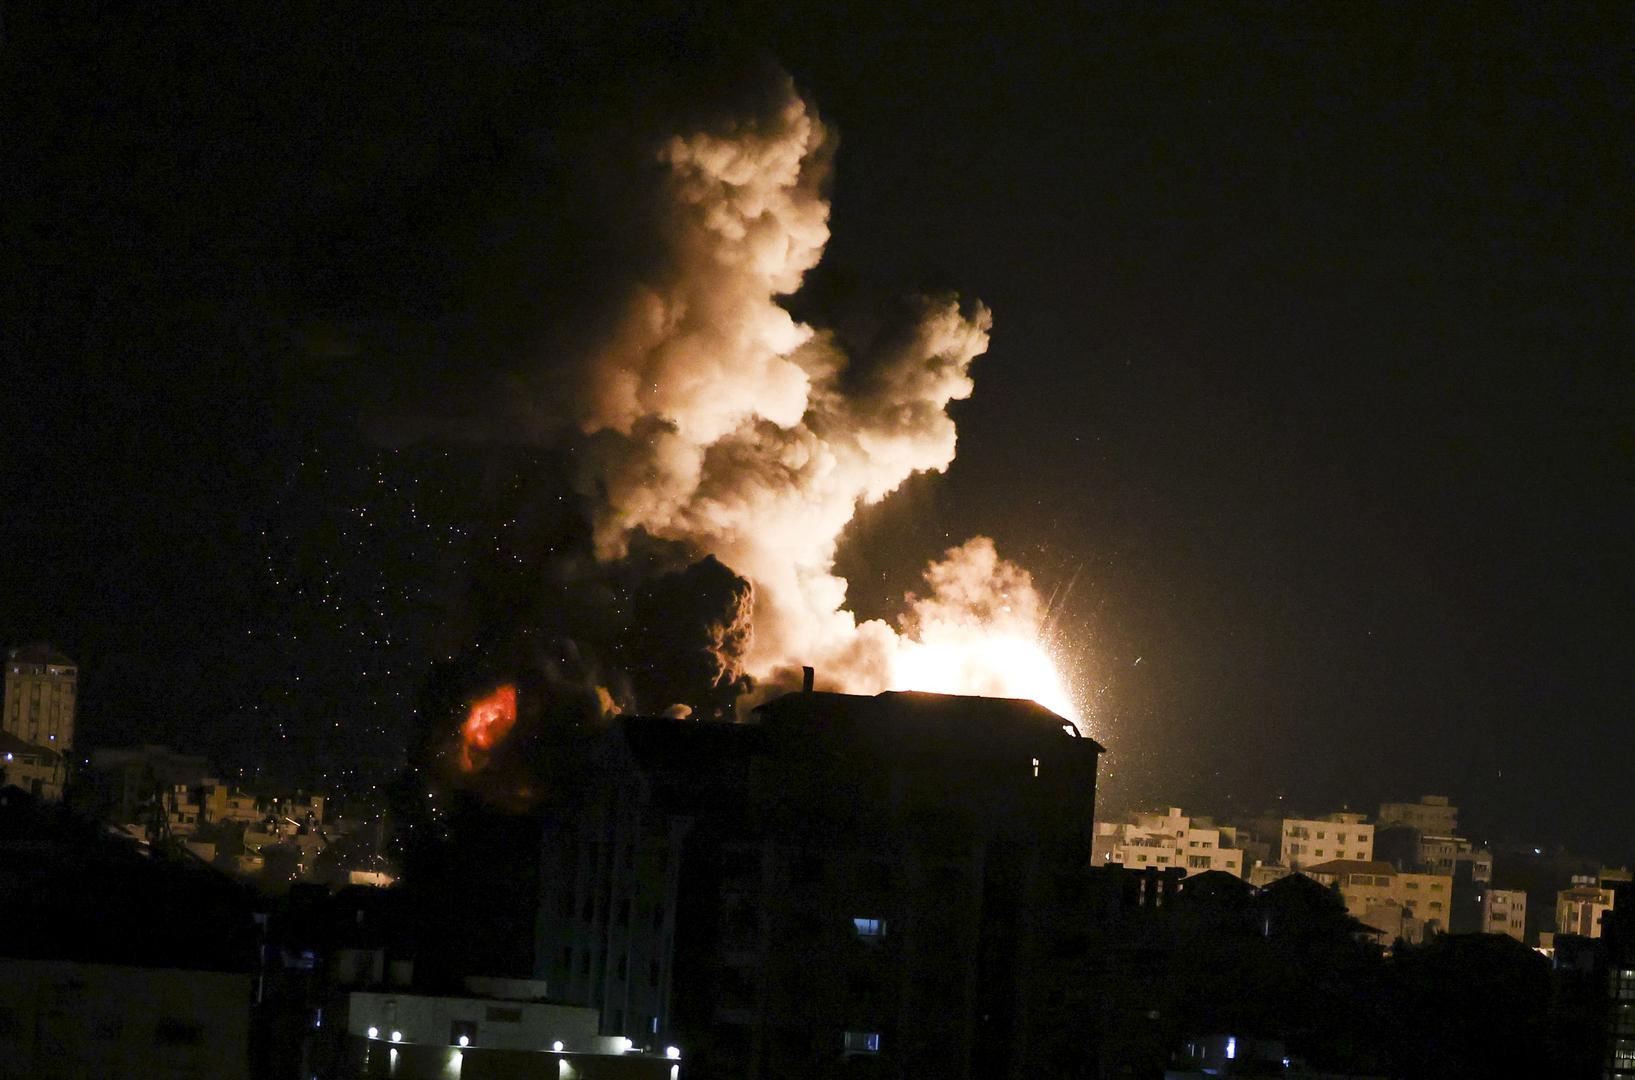 ارتفاع عدد القتلى نتيجة الضربات الإسرائيلية على غزة إلى 83 شخصا بينهم 17 طفلا